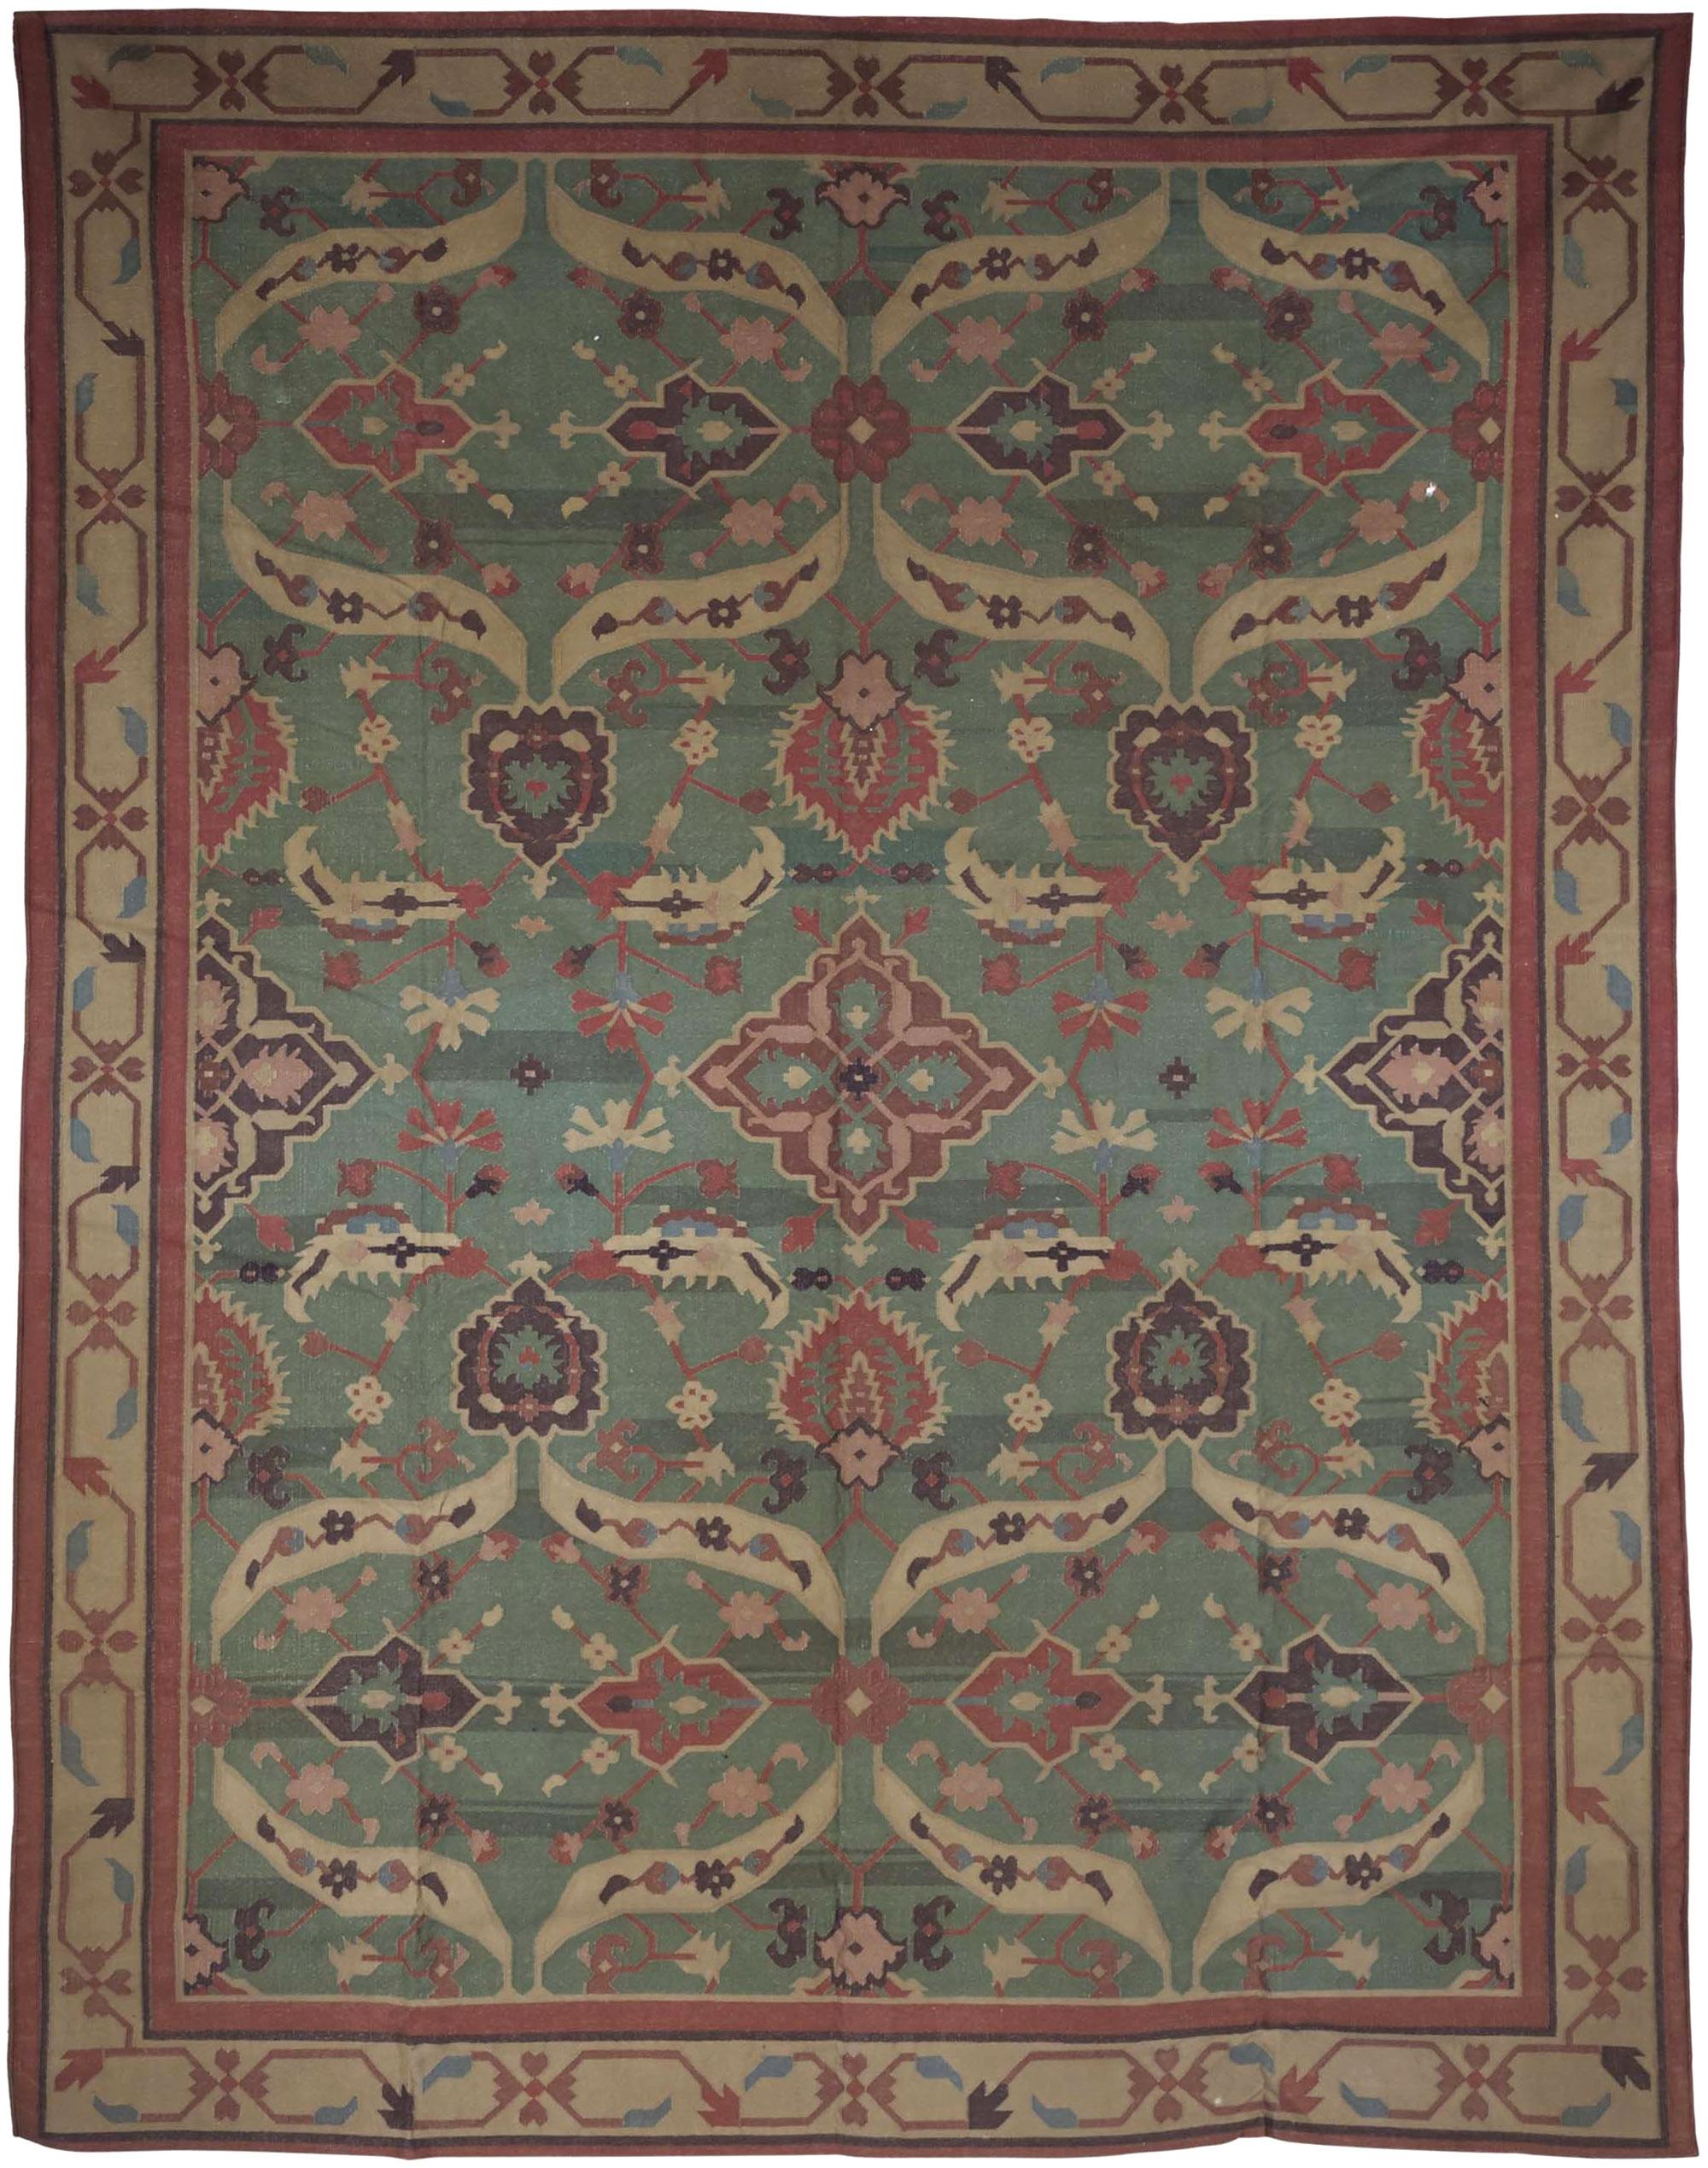 dhurrie rugs vintage dhurrie flat weave rug bb5370. arrow down  47161db02bae4ef92bdede423862e8f0c2b91f81311572b5a8bb90eef3001a34 GFEAVMF